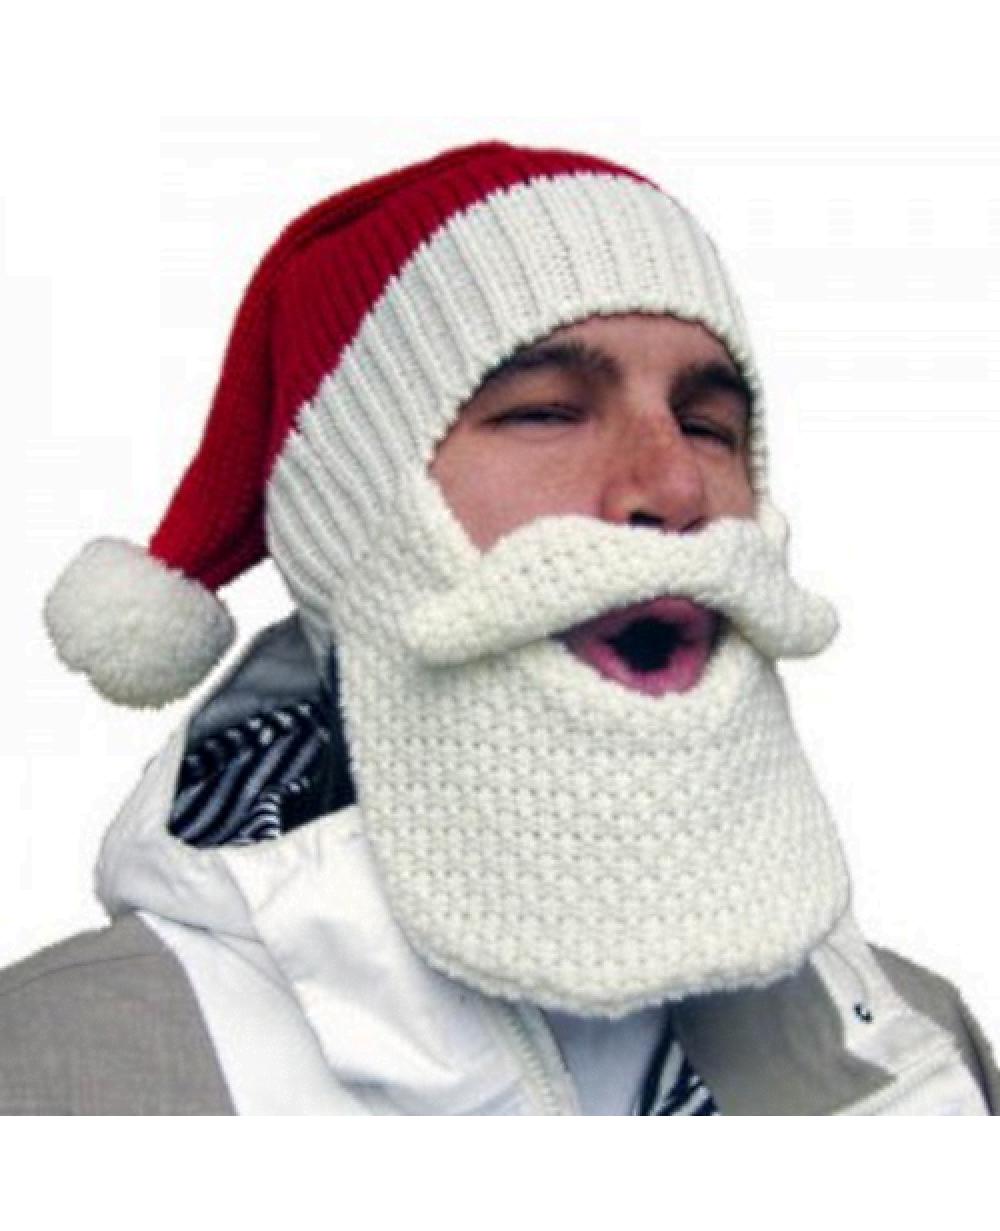 Santa Edition Beard Head